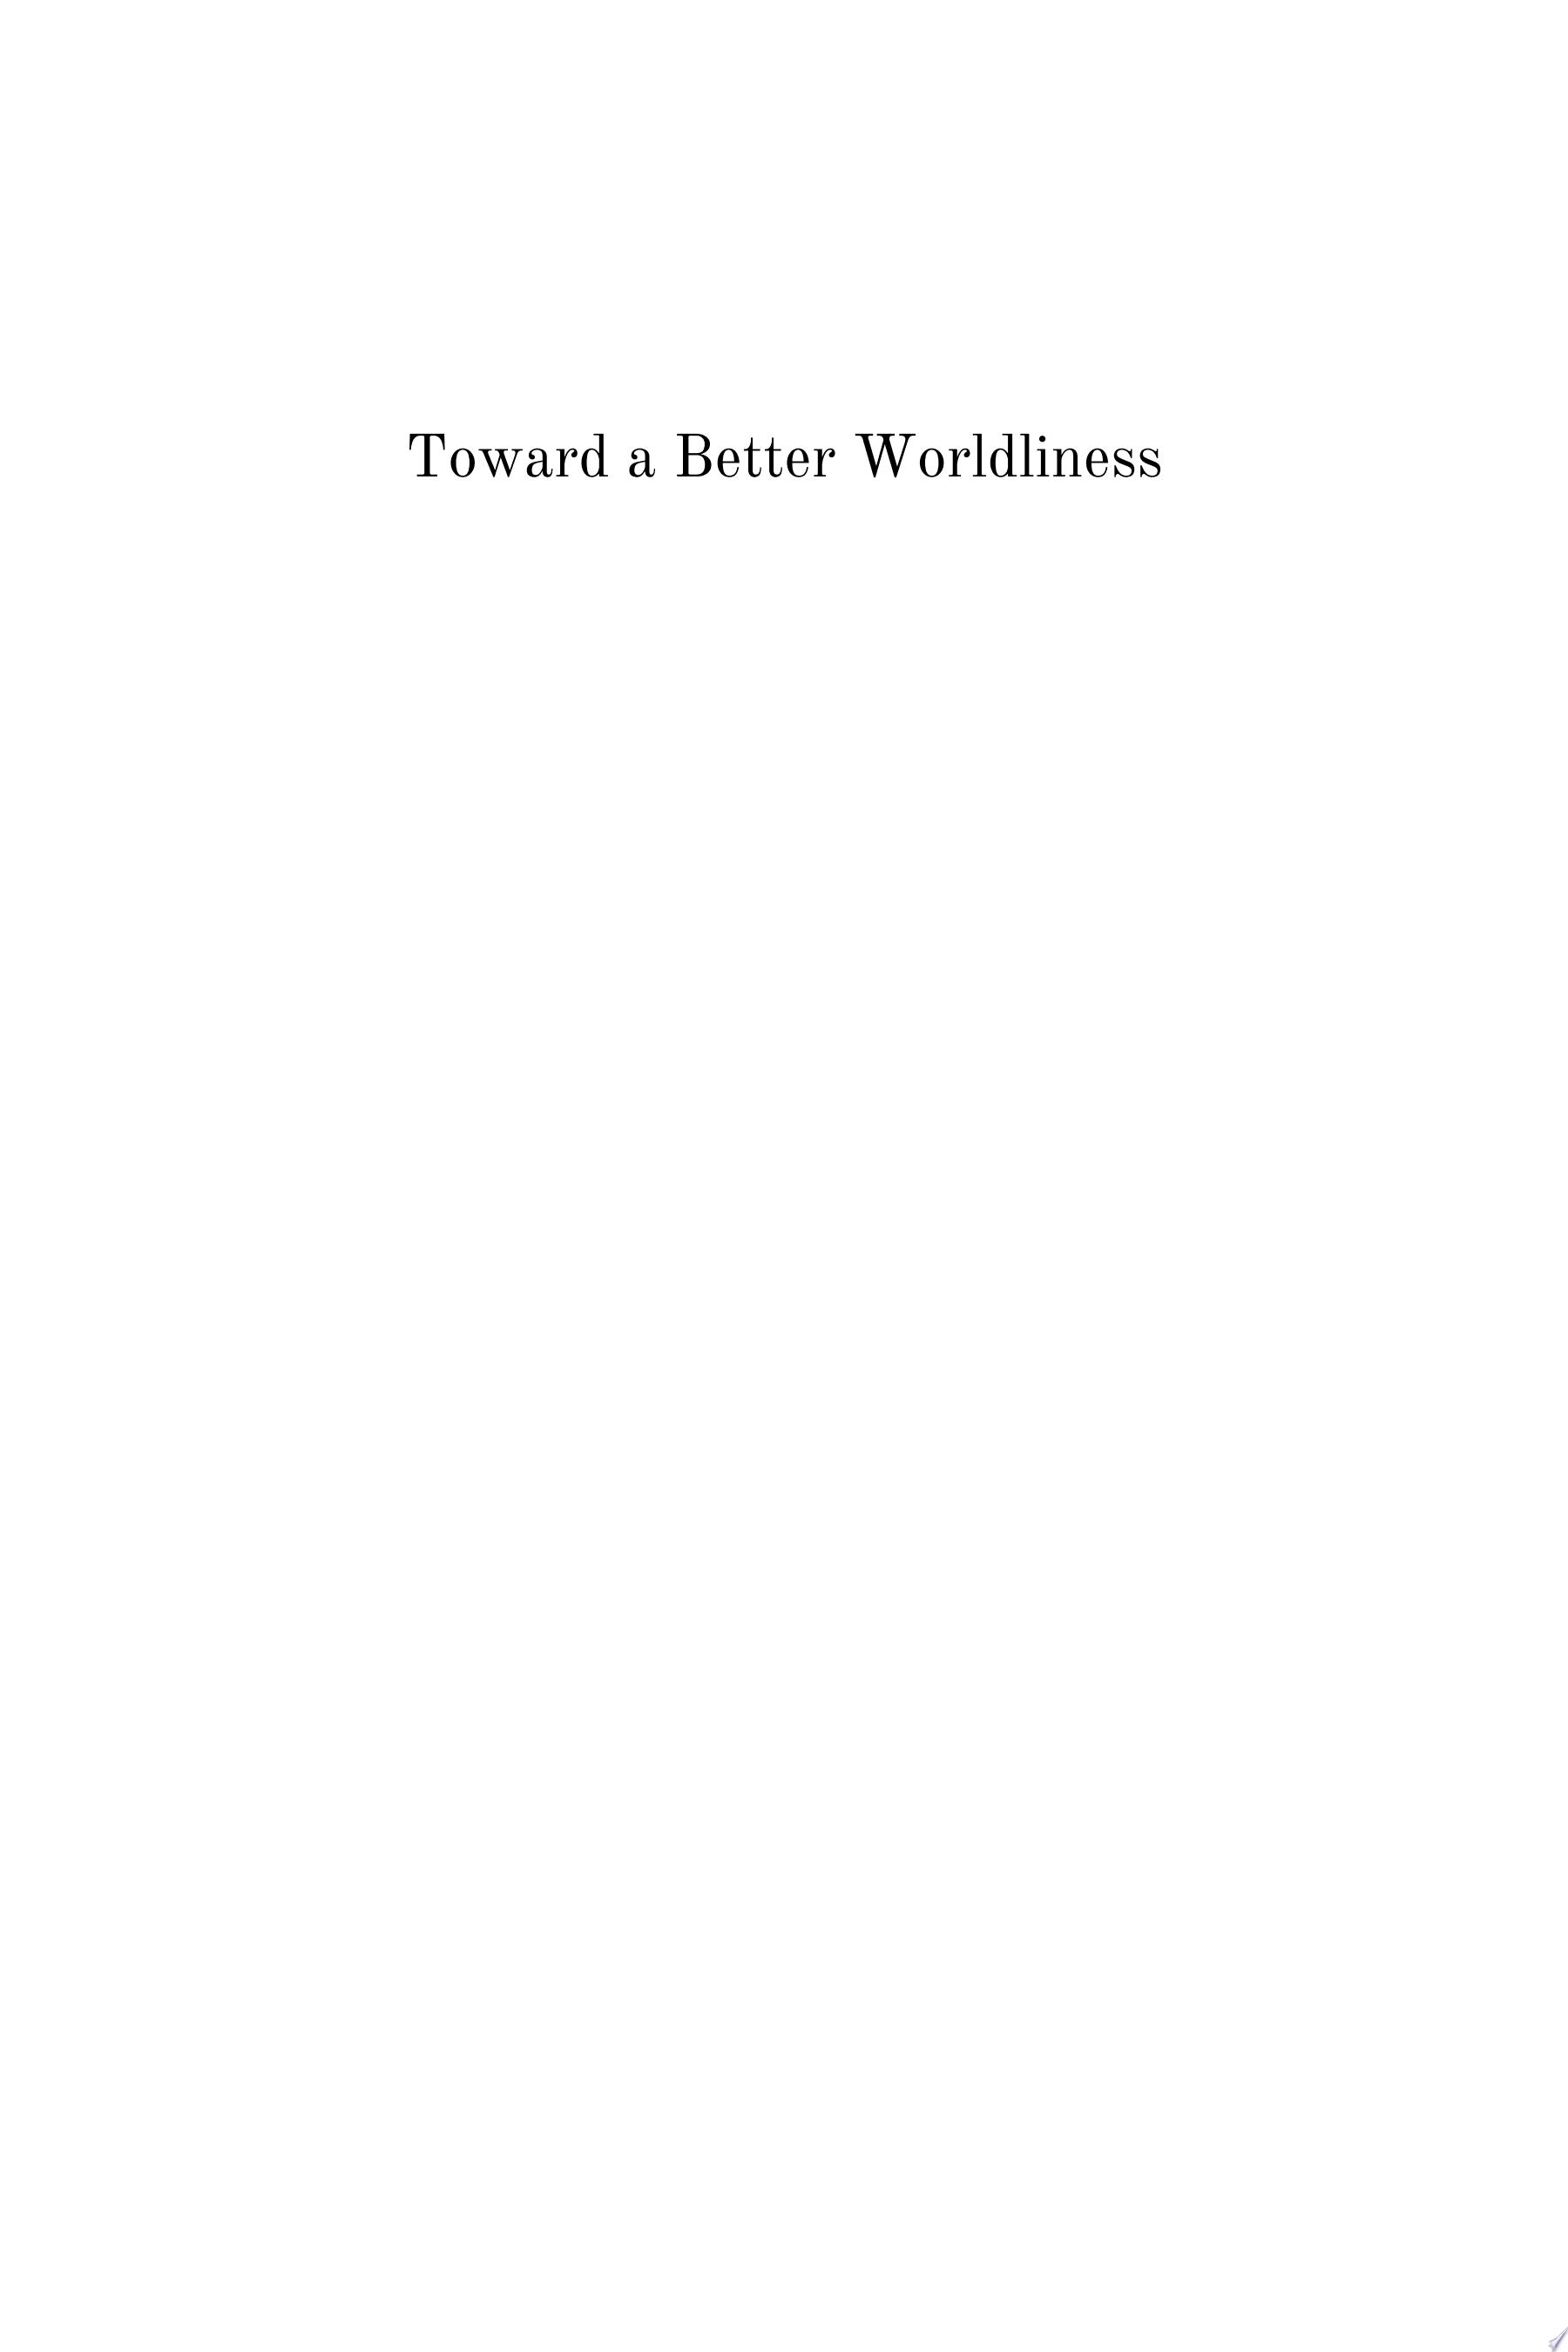 Toward a Better Worldliness